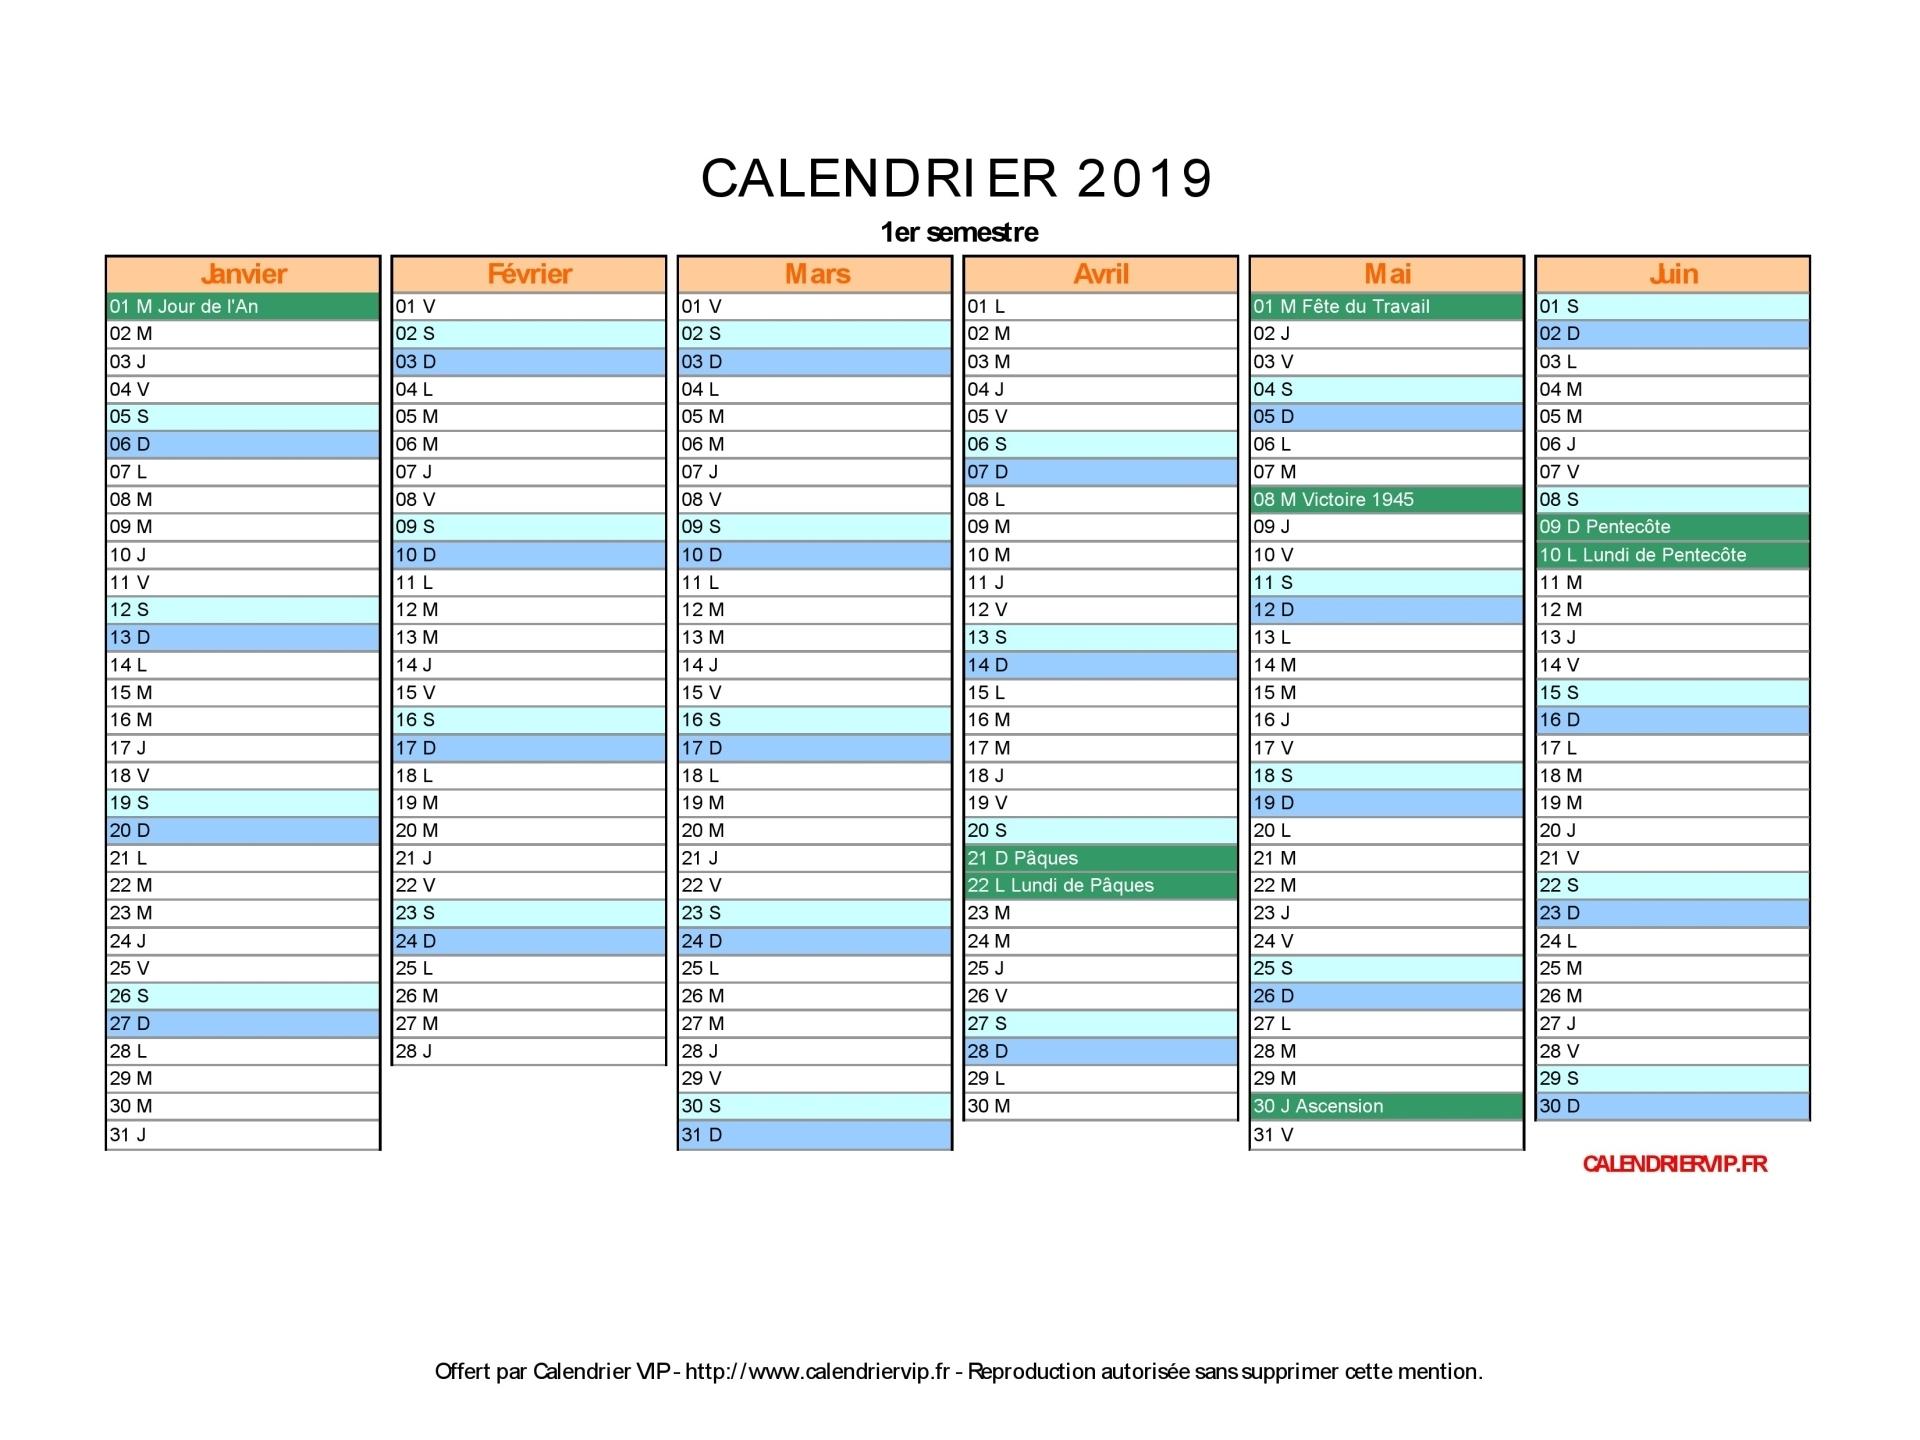 Calendrier 2019 À Imprimer Gratuit En Pdf Et Excel avec Calendrier 2019 Avec Jours Fériés Vacances Scolaires